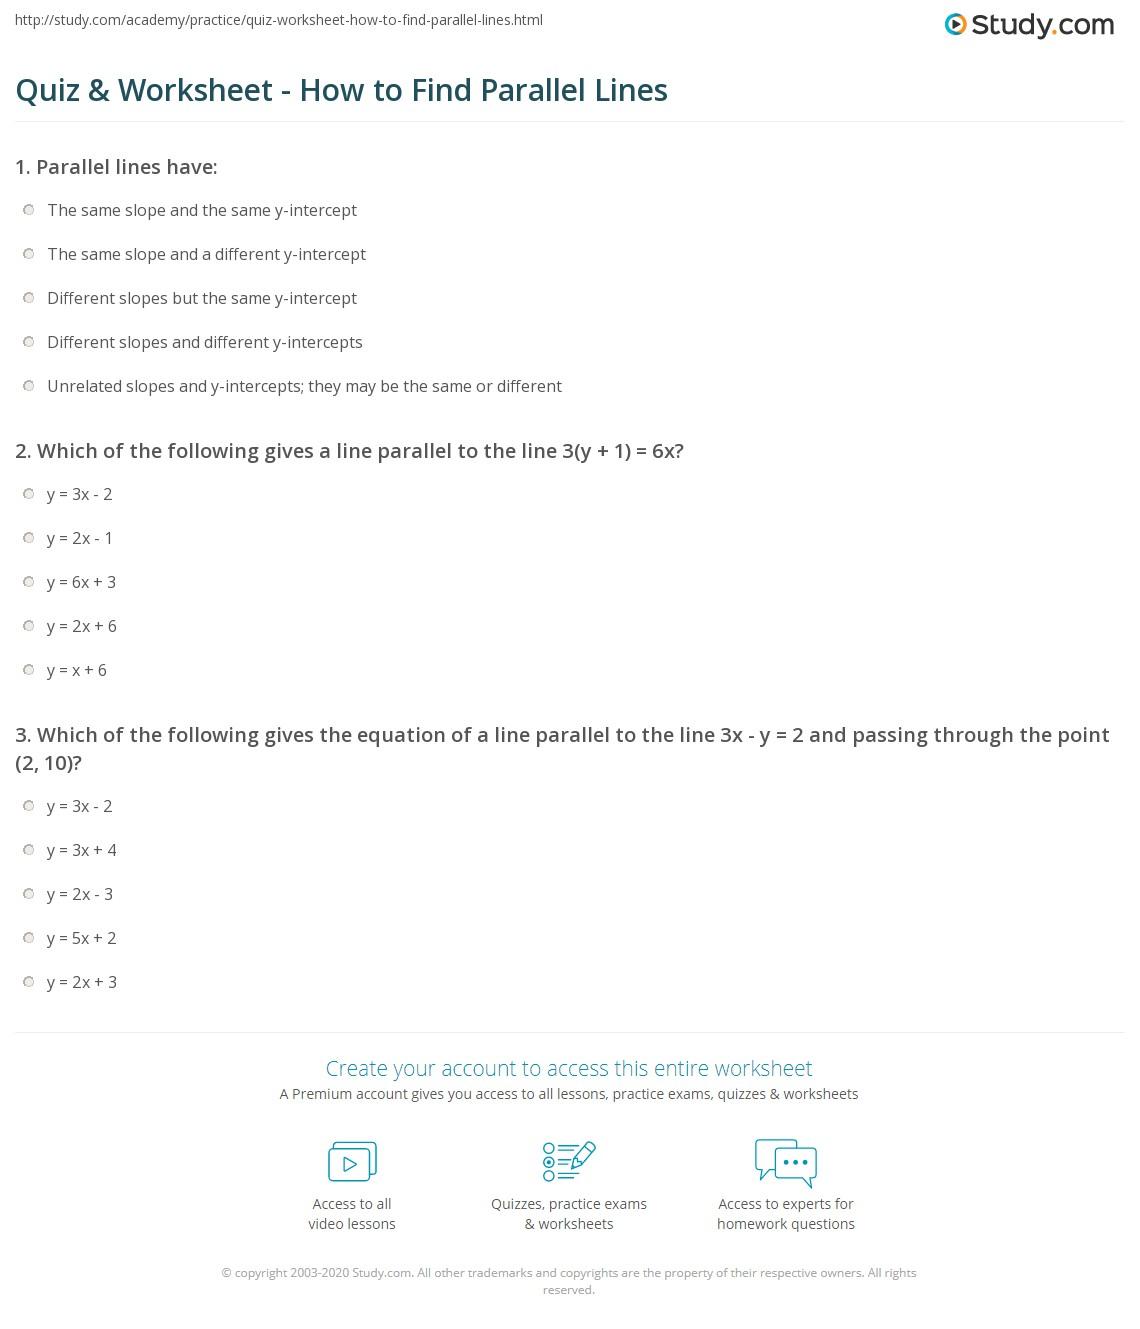 worksheet Parallel Line Worksheets quiz worksheet how to find parallel lines study com print finding worksheet